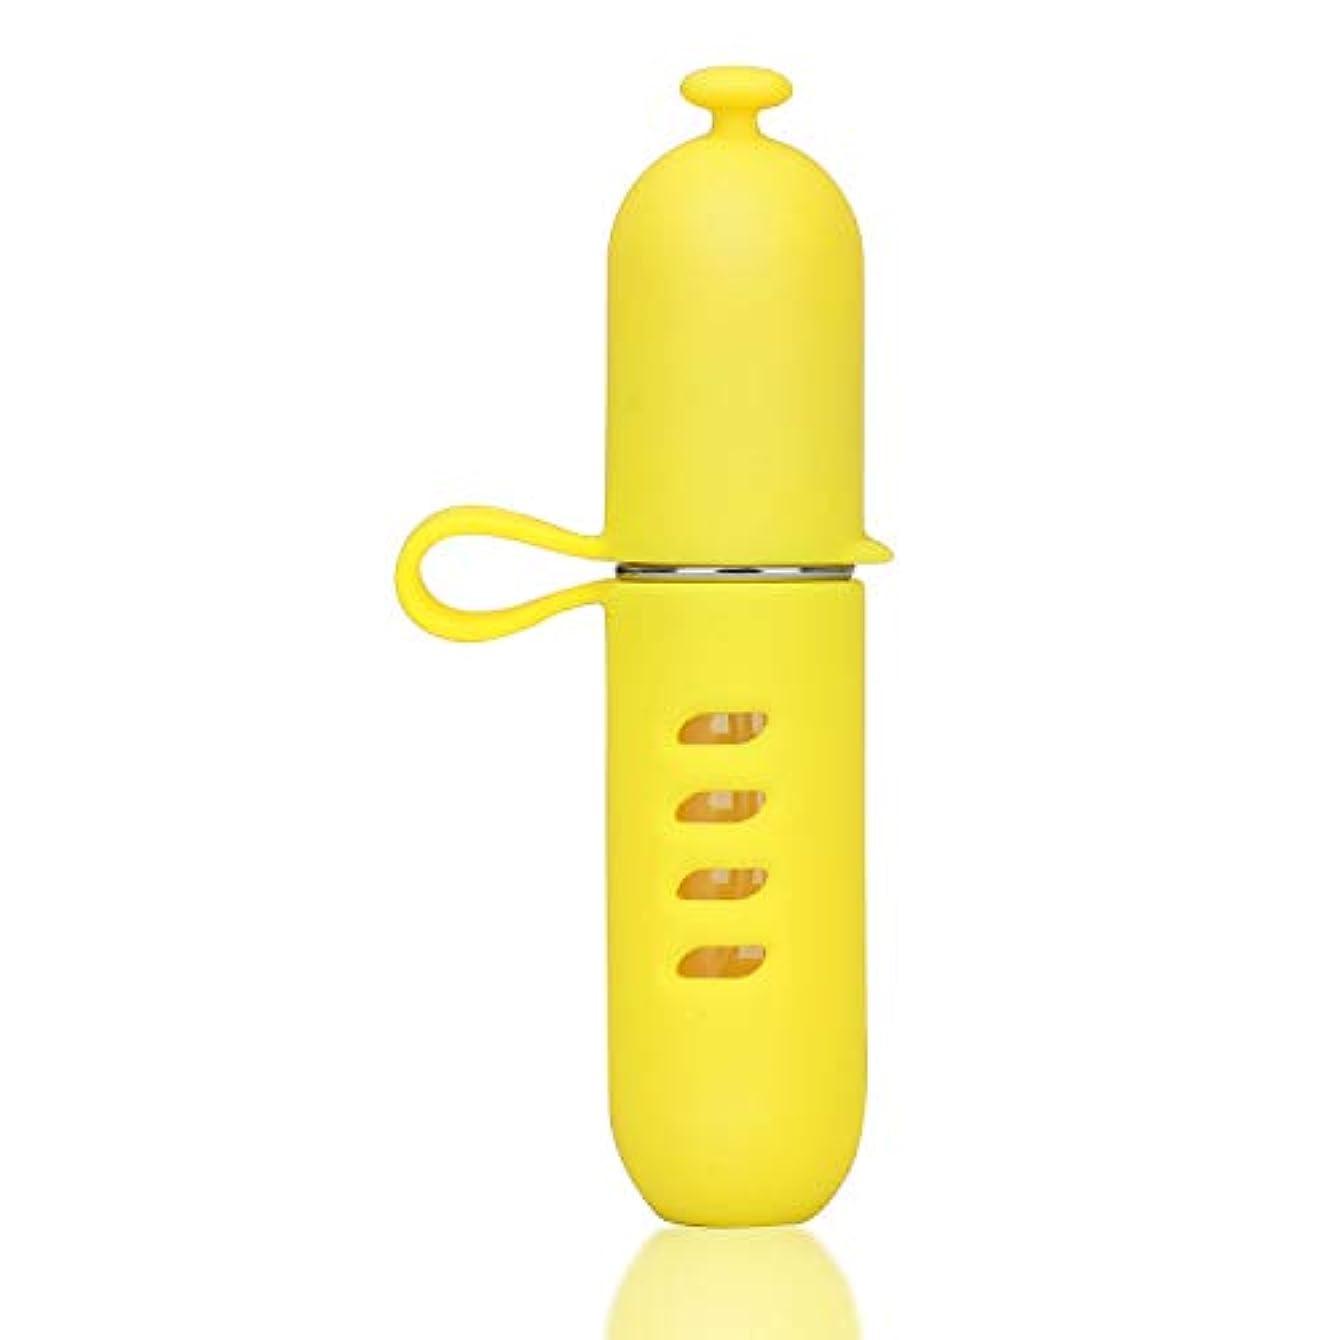 痛いぶら下がるシーボードMOOMU アトマイザー 香水 スプレー 噴霧器 詰め替え容器 底部充填方式 携帯用5ml (レモンイエロー)